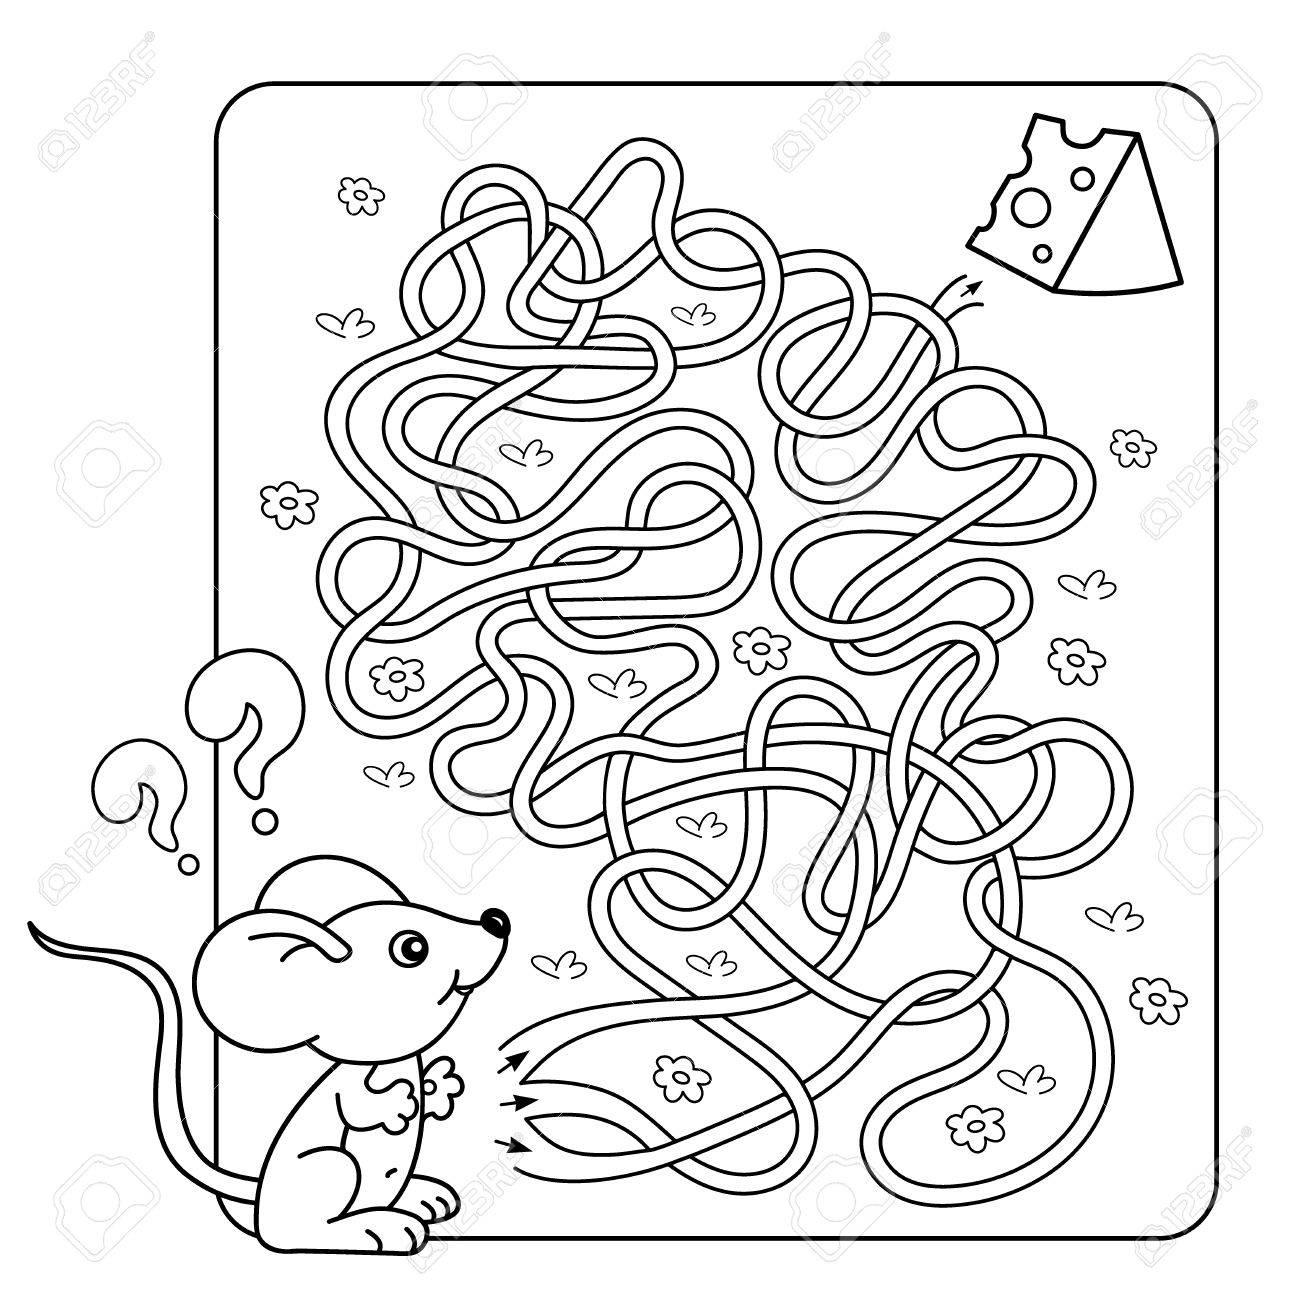 Ilustración Vectorial De Dibujos Animados Del Laberinto De La Educación O El Laberinto De Juego Para Niños En Edad Preescolar Rompecabezas Enredados